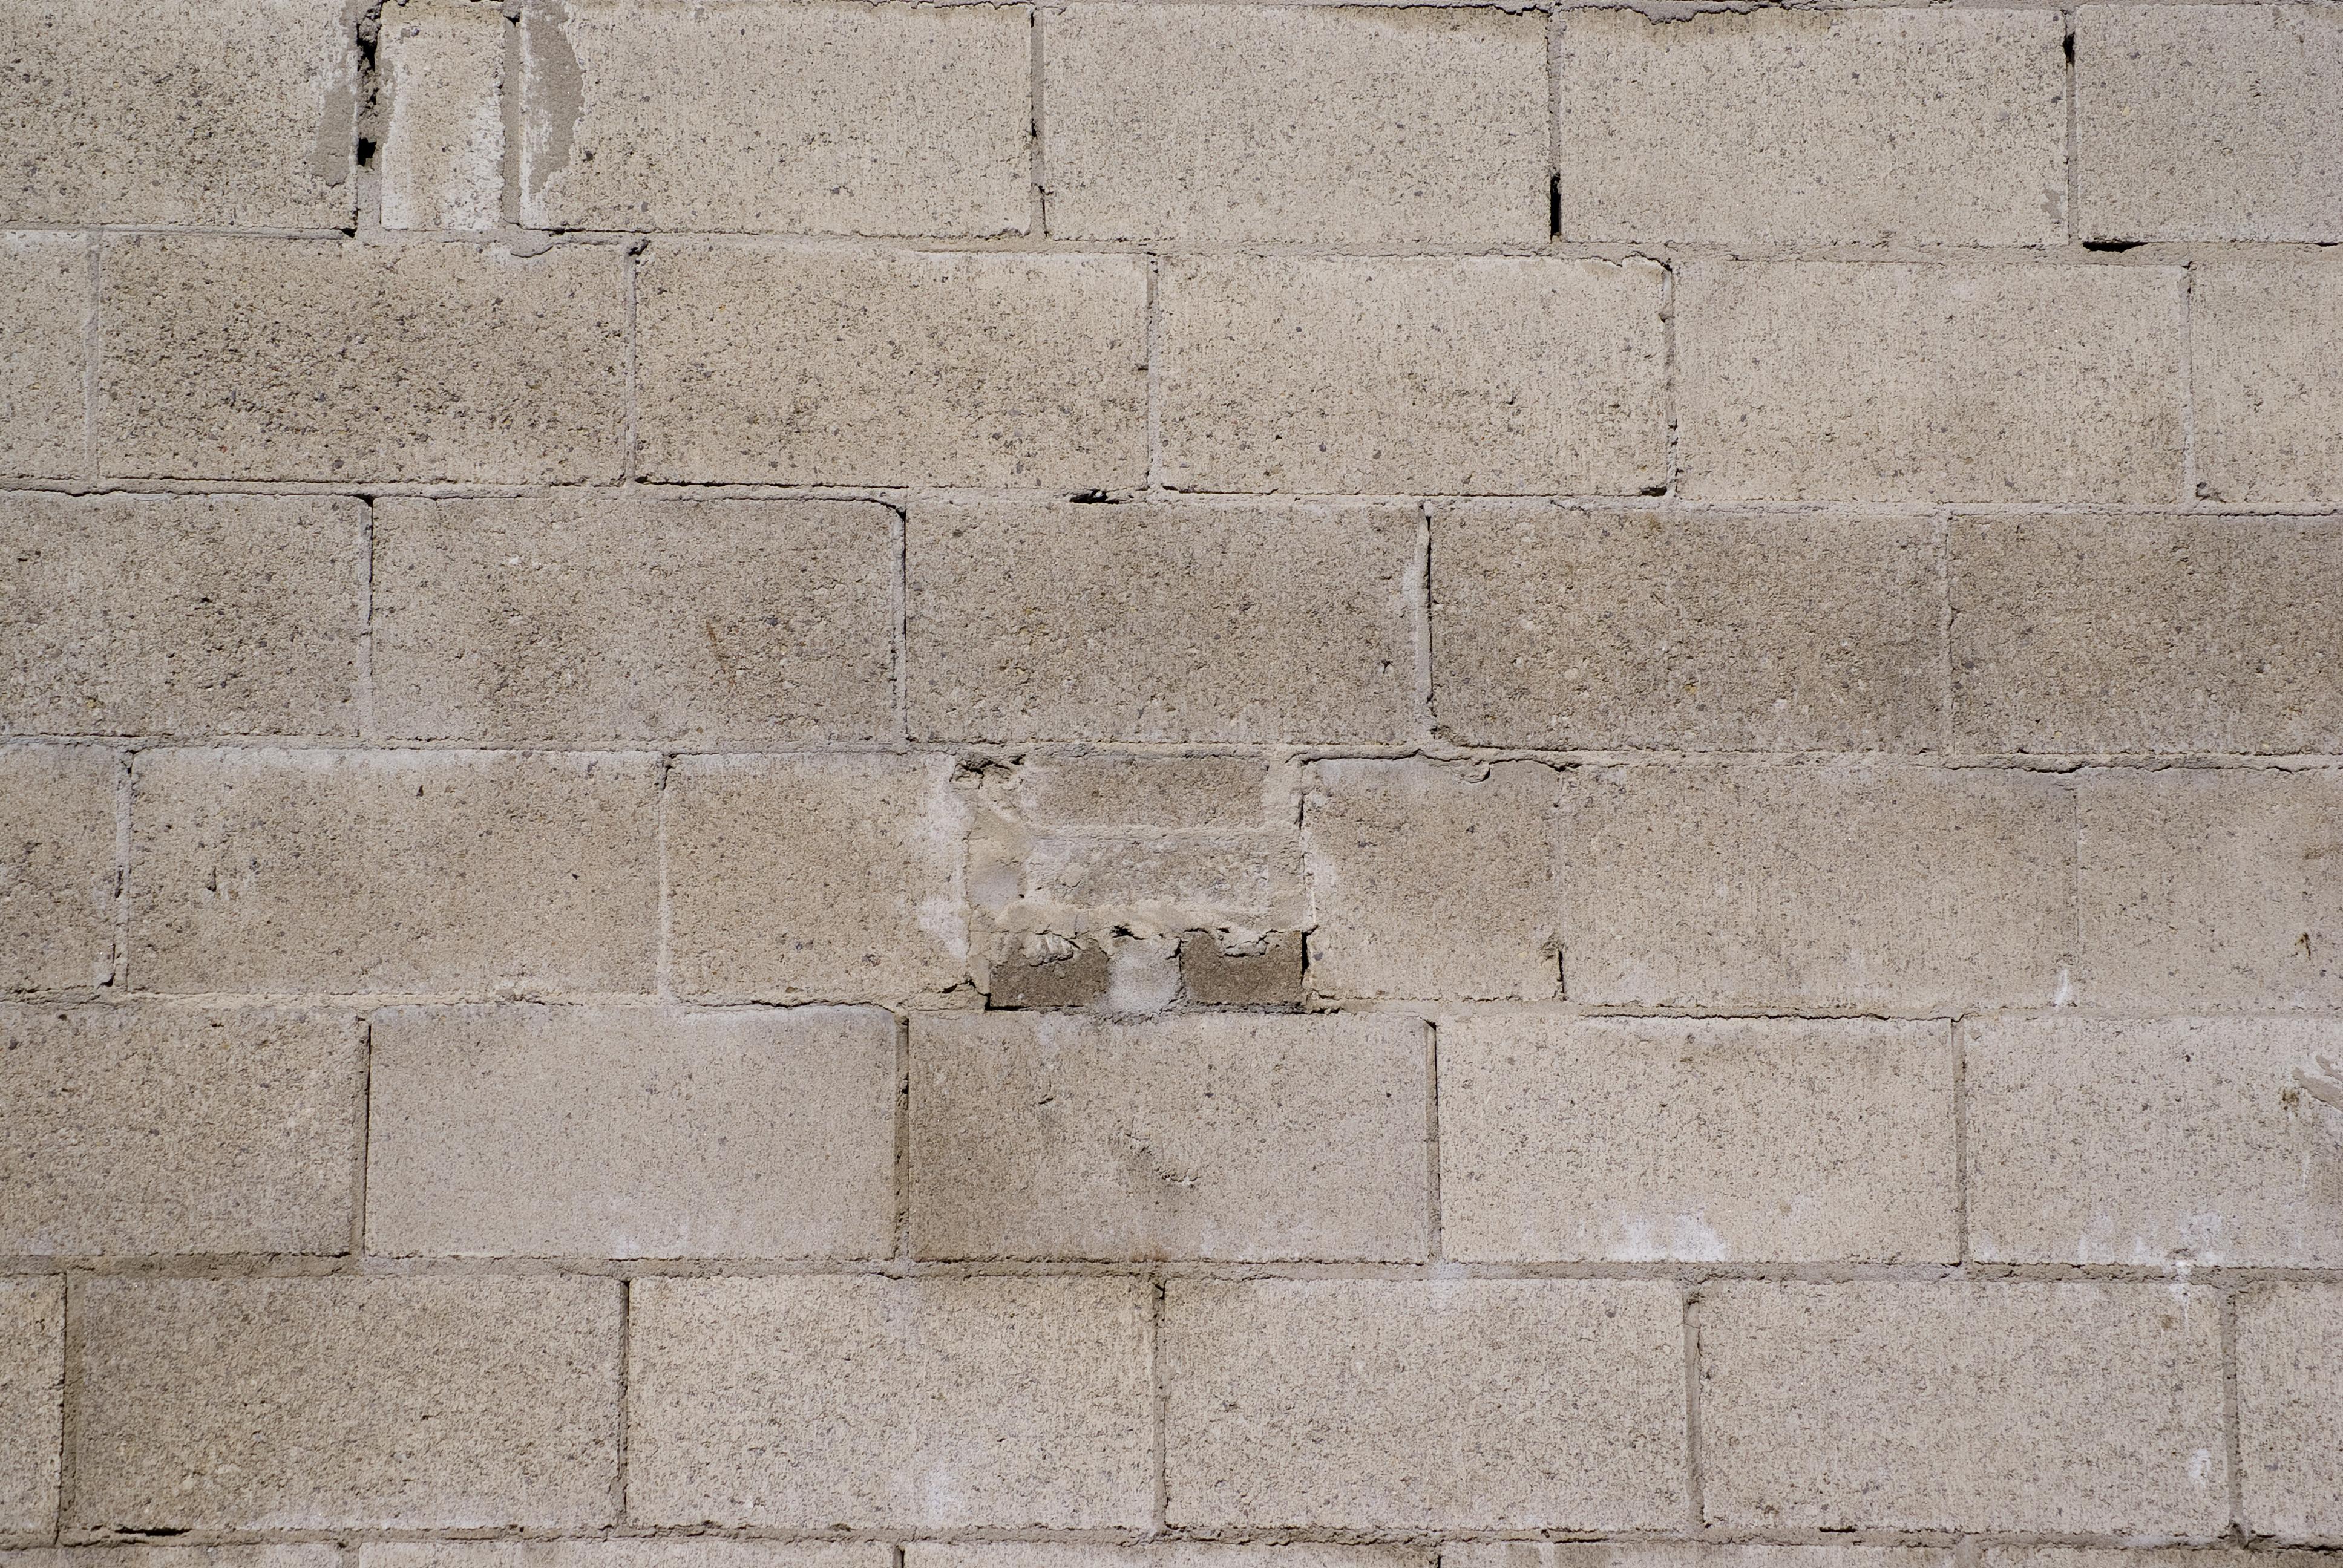 Cinder Block Wall Texture Homedesignpictures